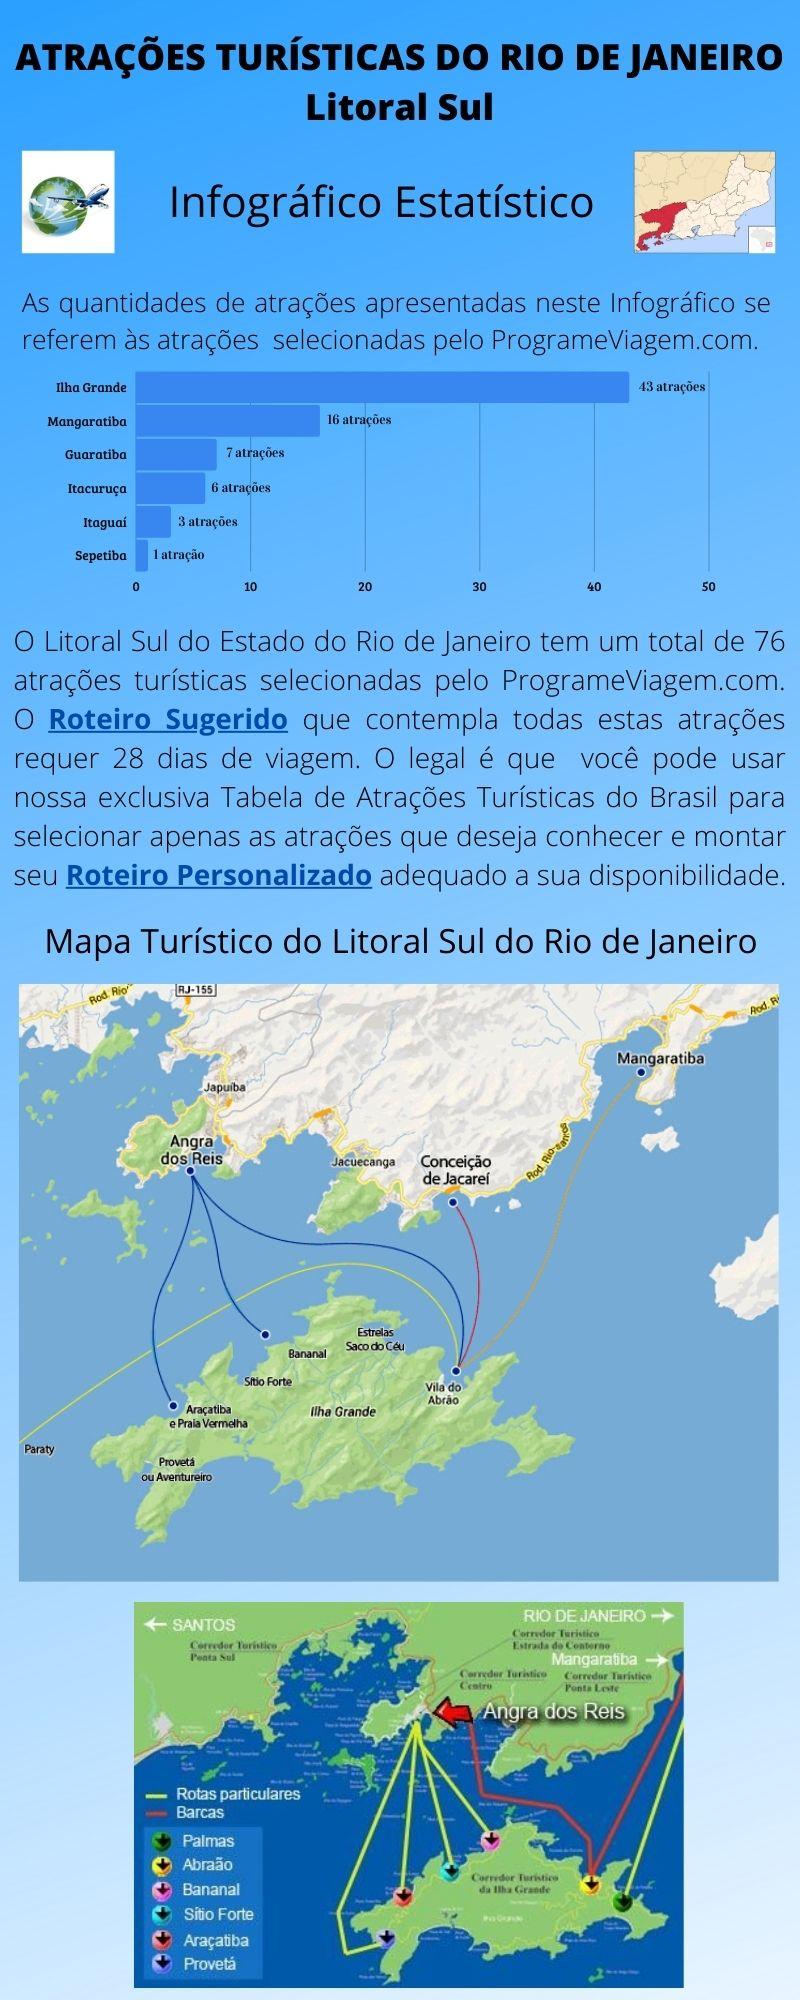 Infográfico Atrações Turísticas do Rio de Janeiro (Litoral Sul) 1